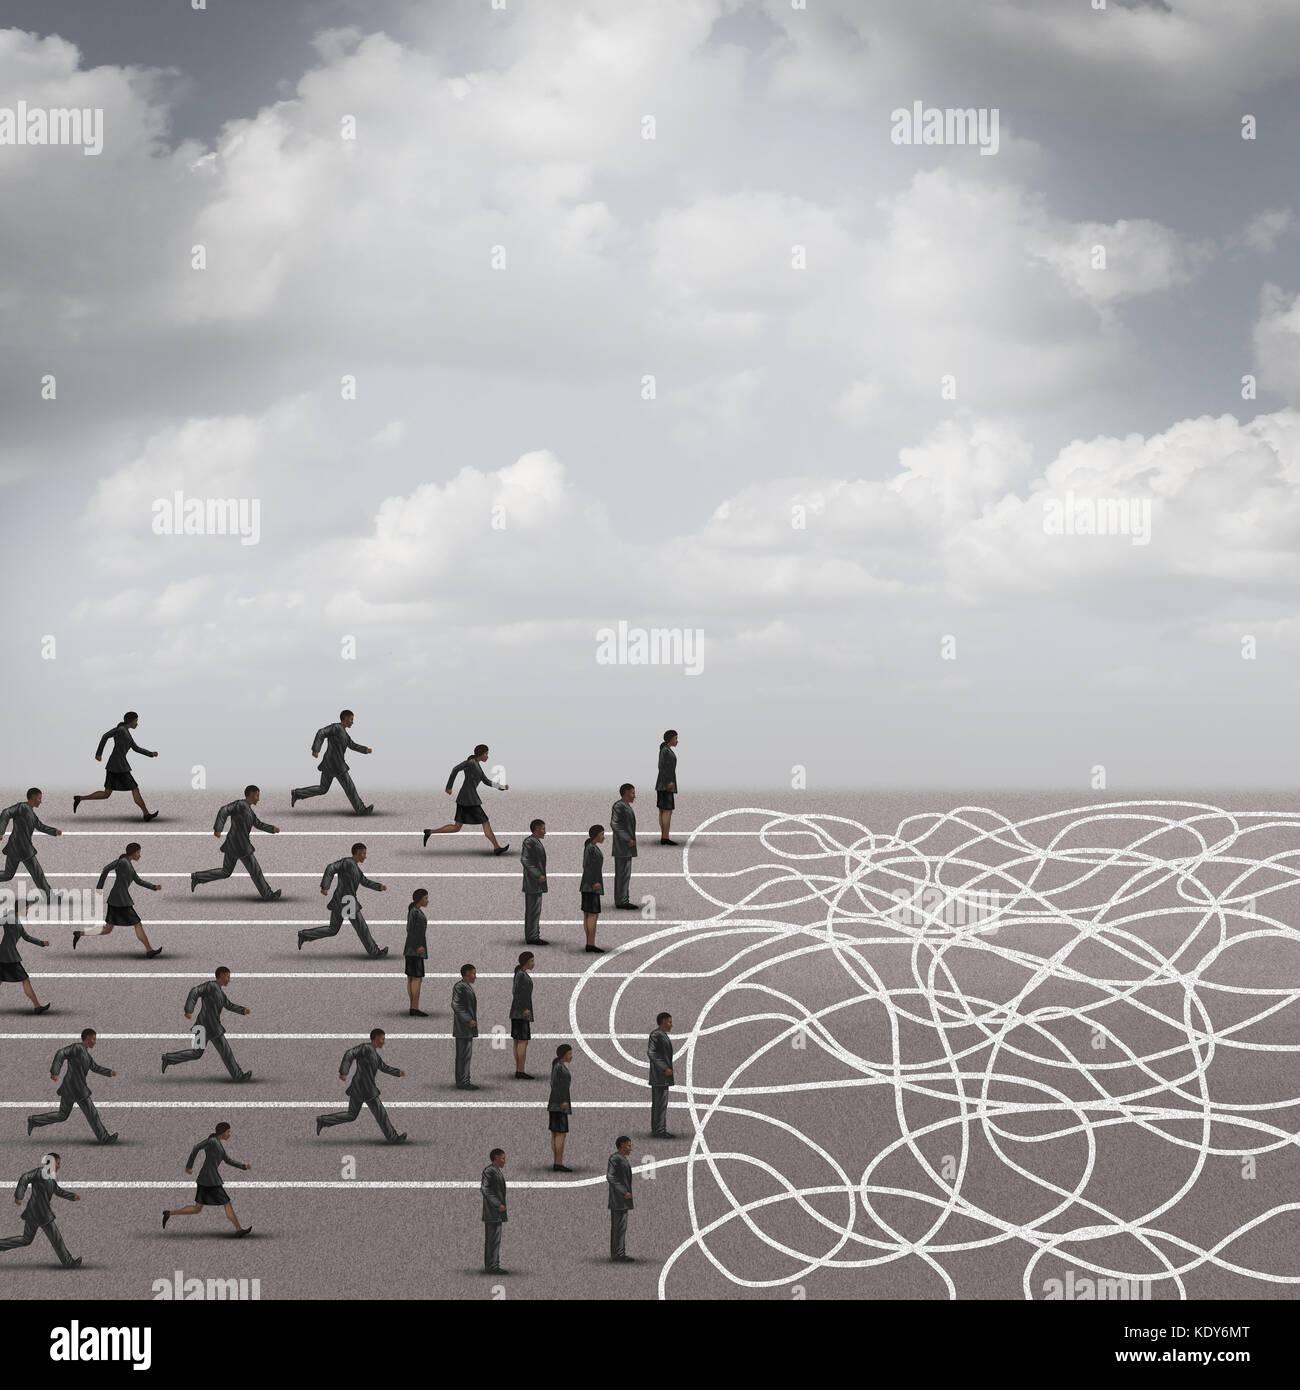 Concepto de negocio crisis difíciles elecciones en 3D de una ilustración de estilo. Imagen De Stock